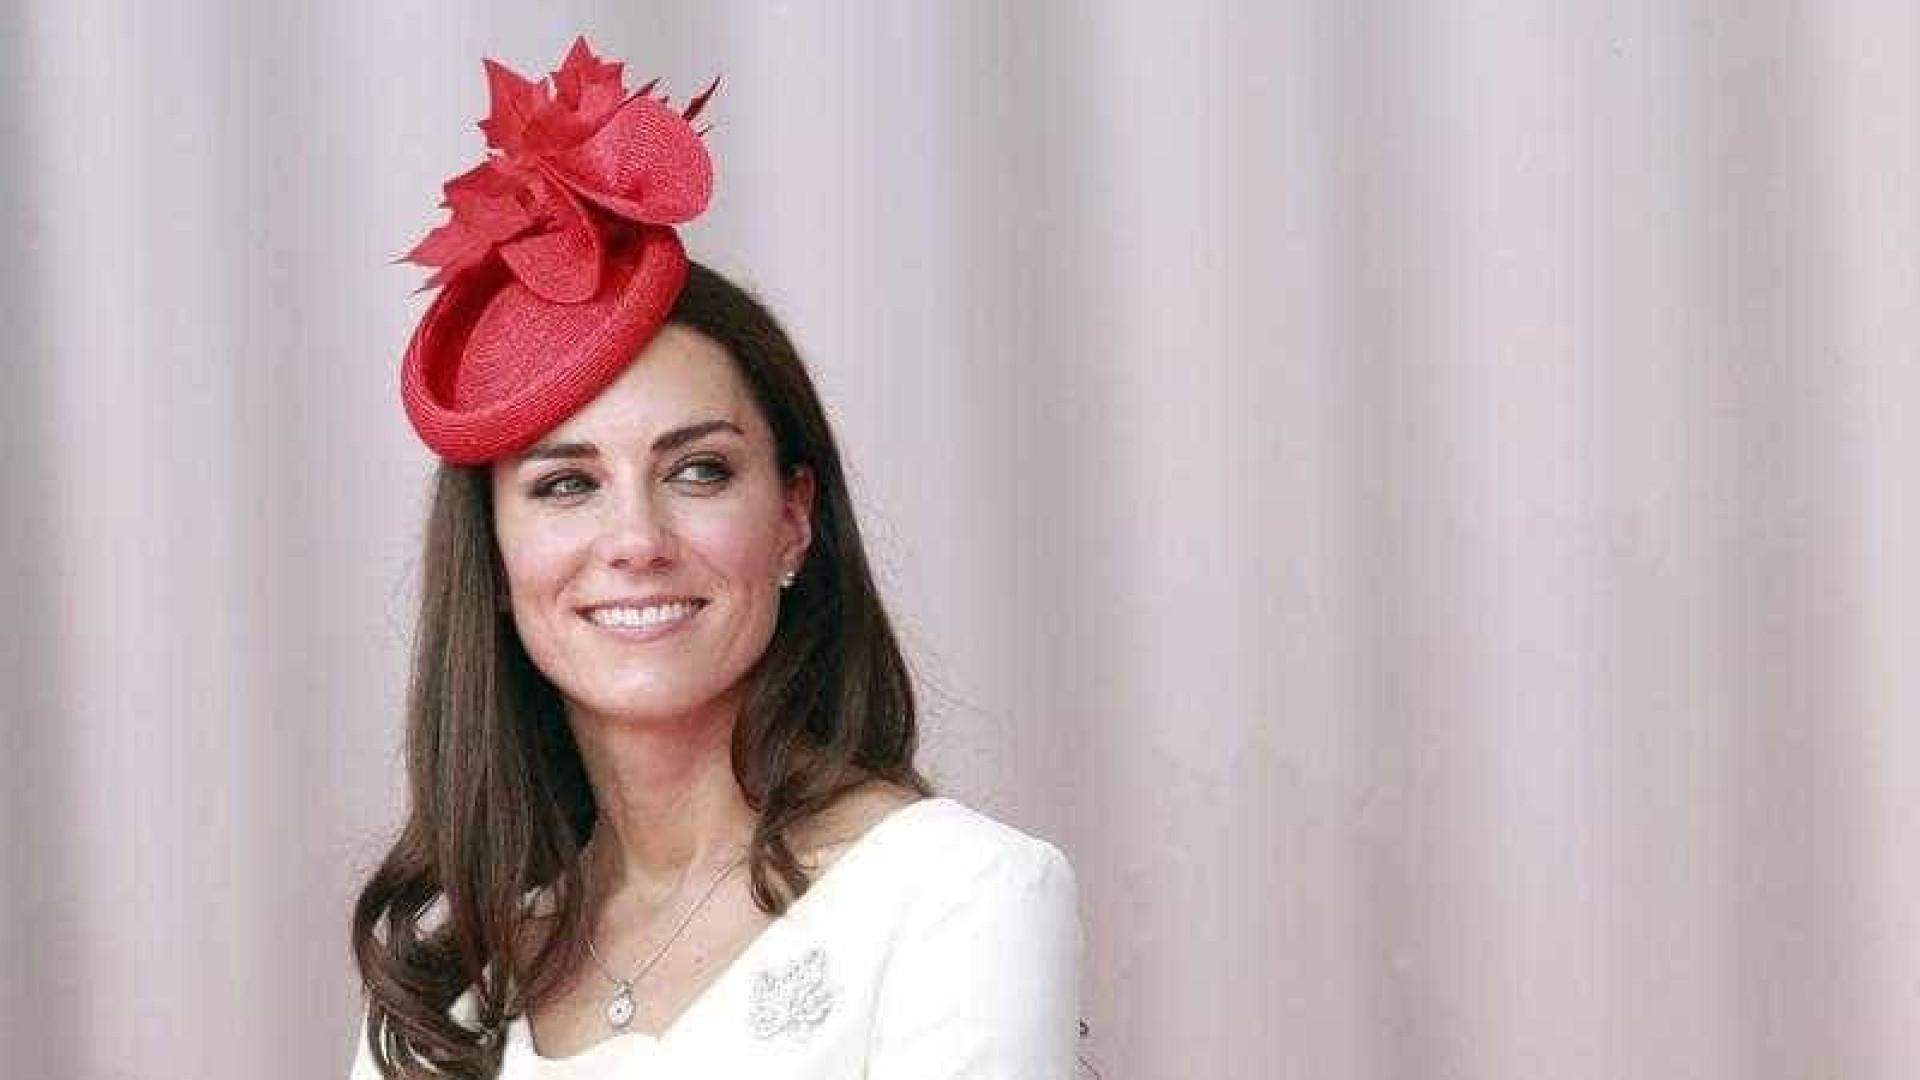 Kate Middleton recebe sapatos Louboutin 'inesperados'